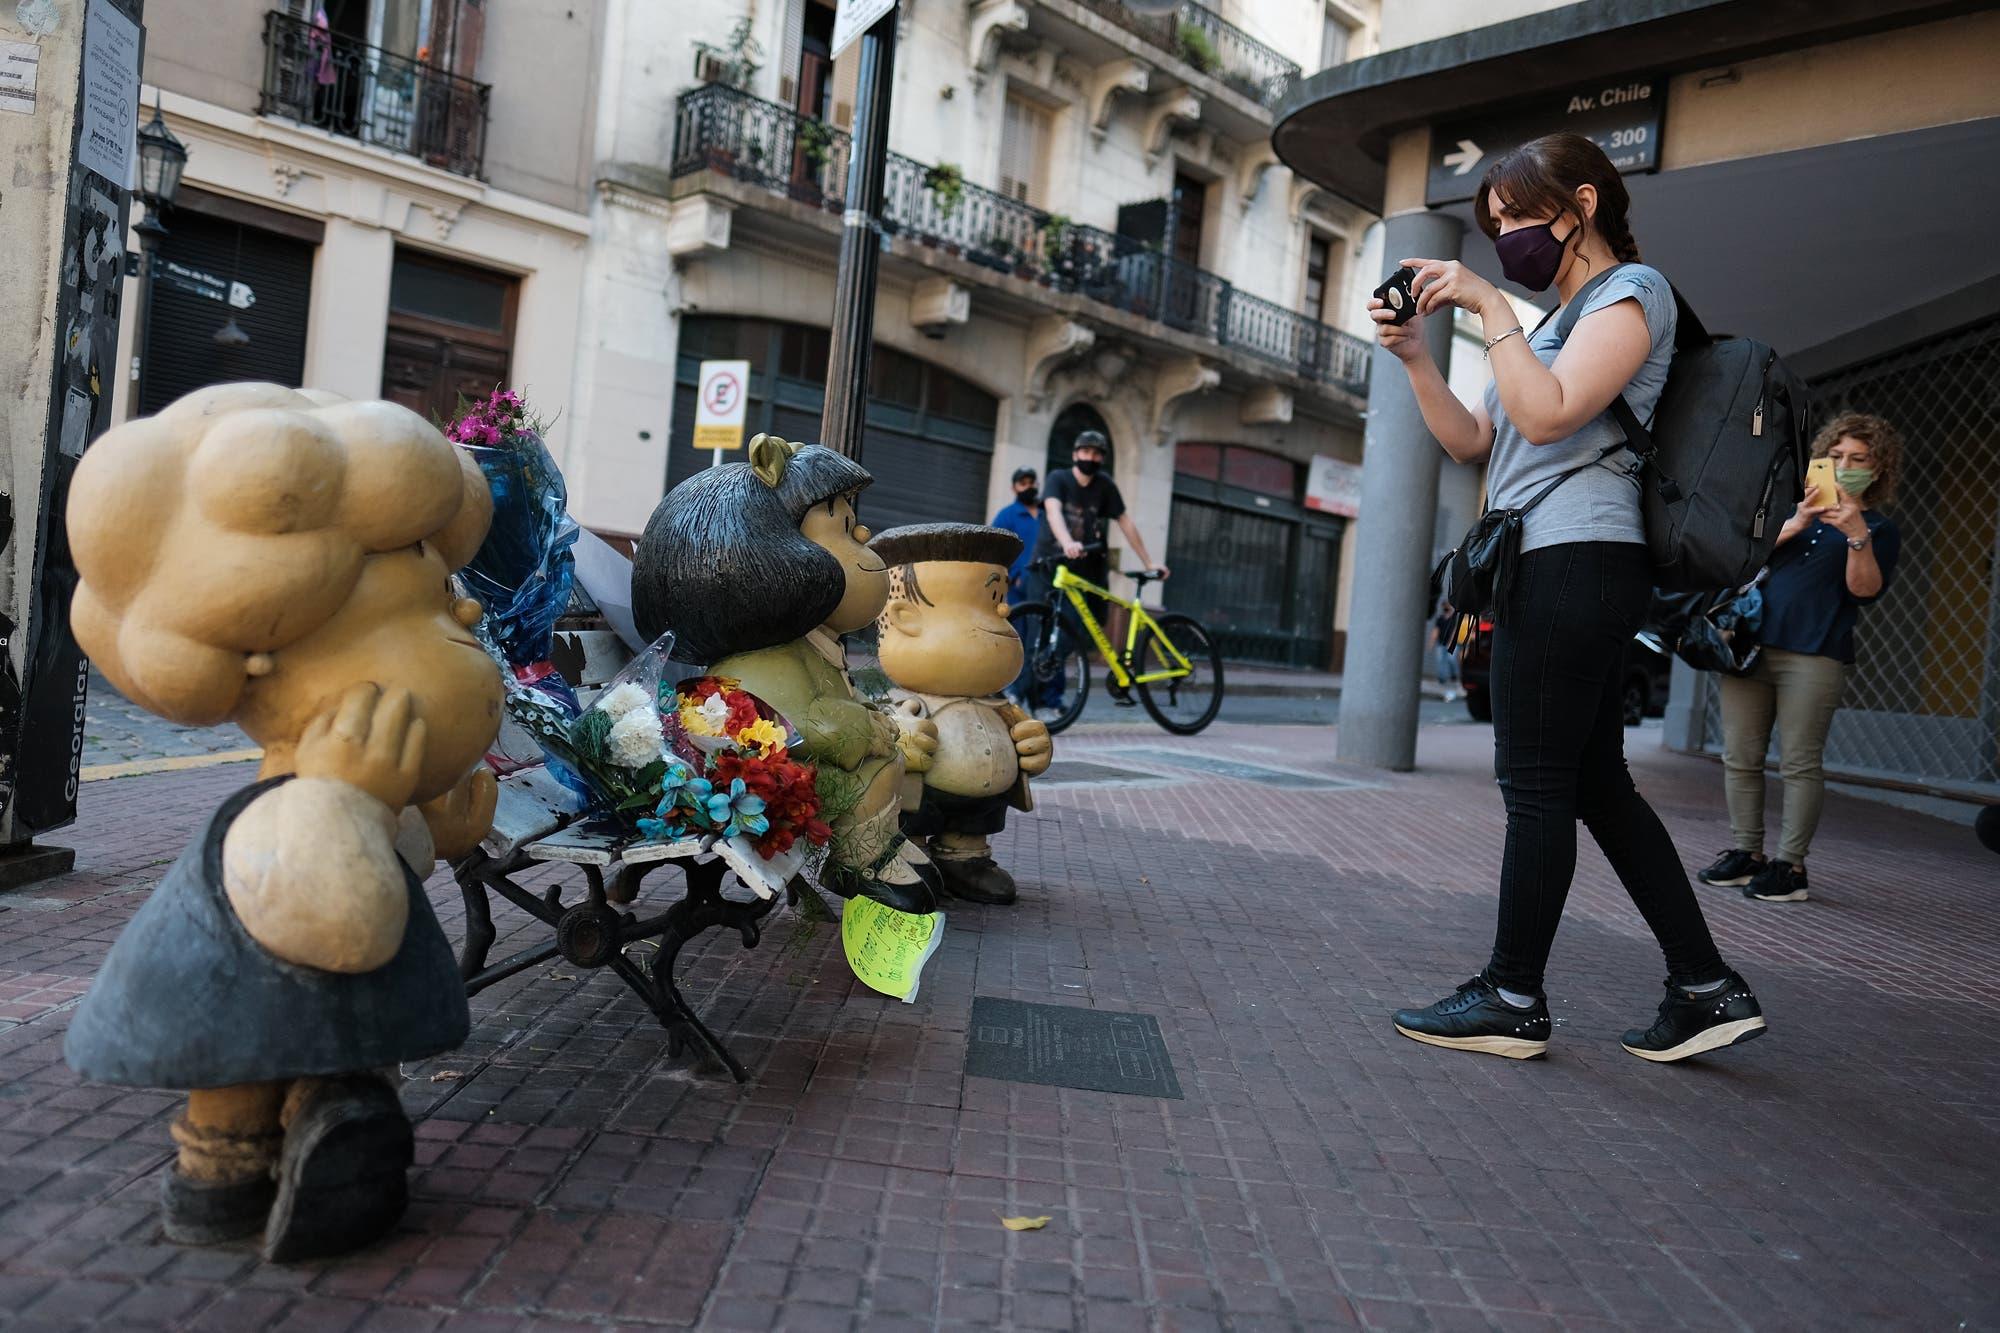 Homenaje a Quino: con flores, los fanáticos despiden al creador de Mafalda en San Telmo, Mendoza y Oviedo